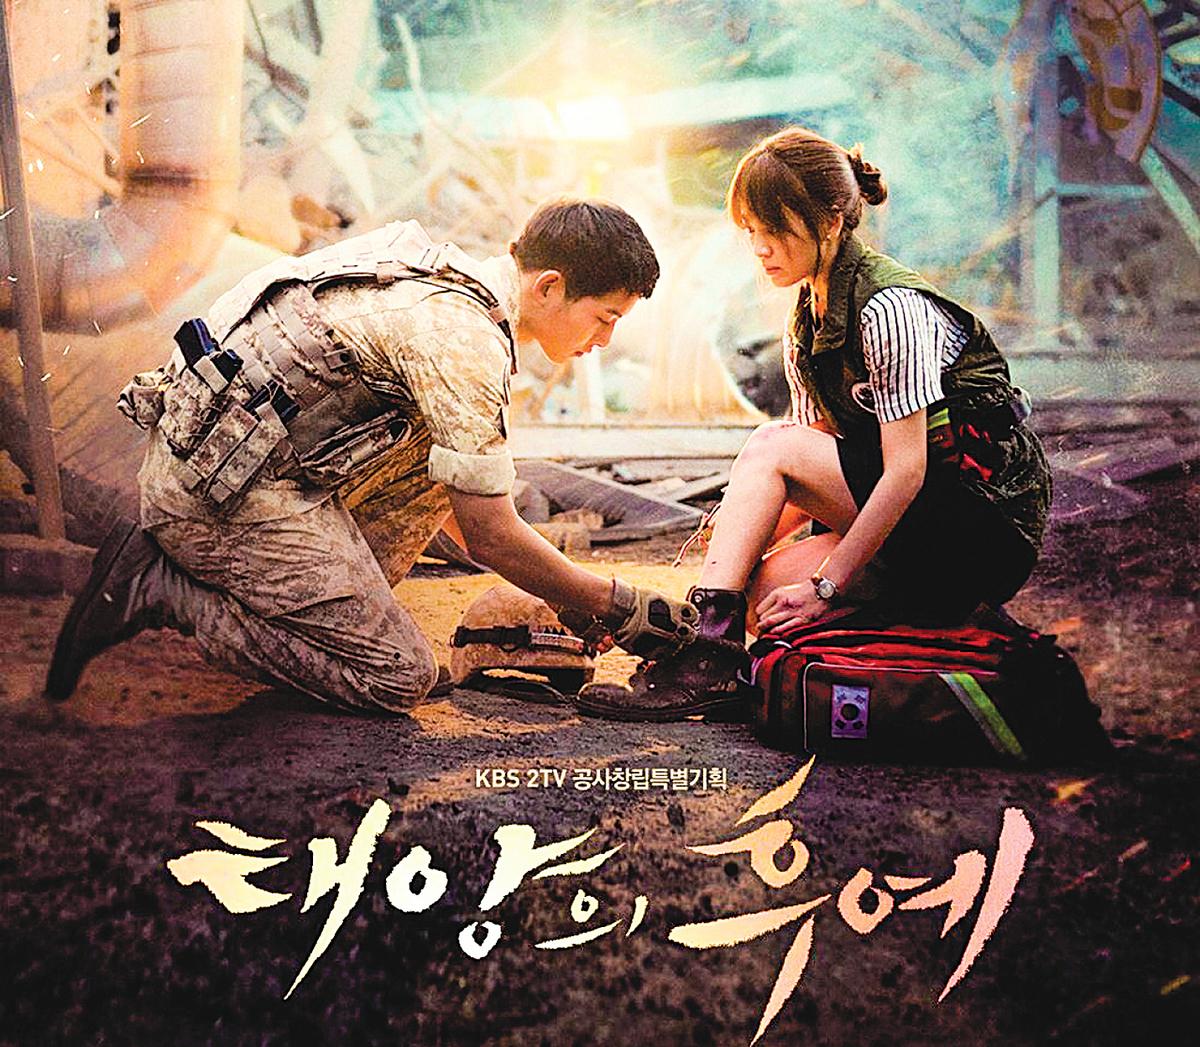 《太陽的後裔》是宋仲基退伍後的復出作,因其高人氣,不只版權輸出至32個國家,OST的銷售成績同樣亮眼。